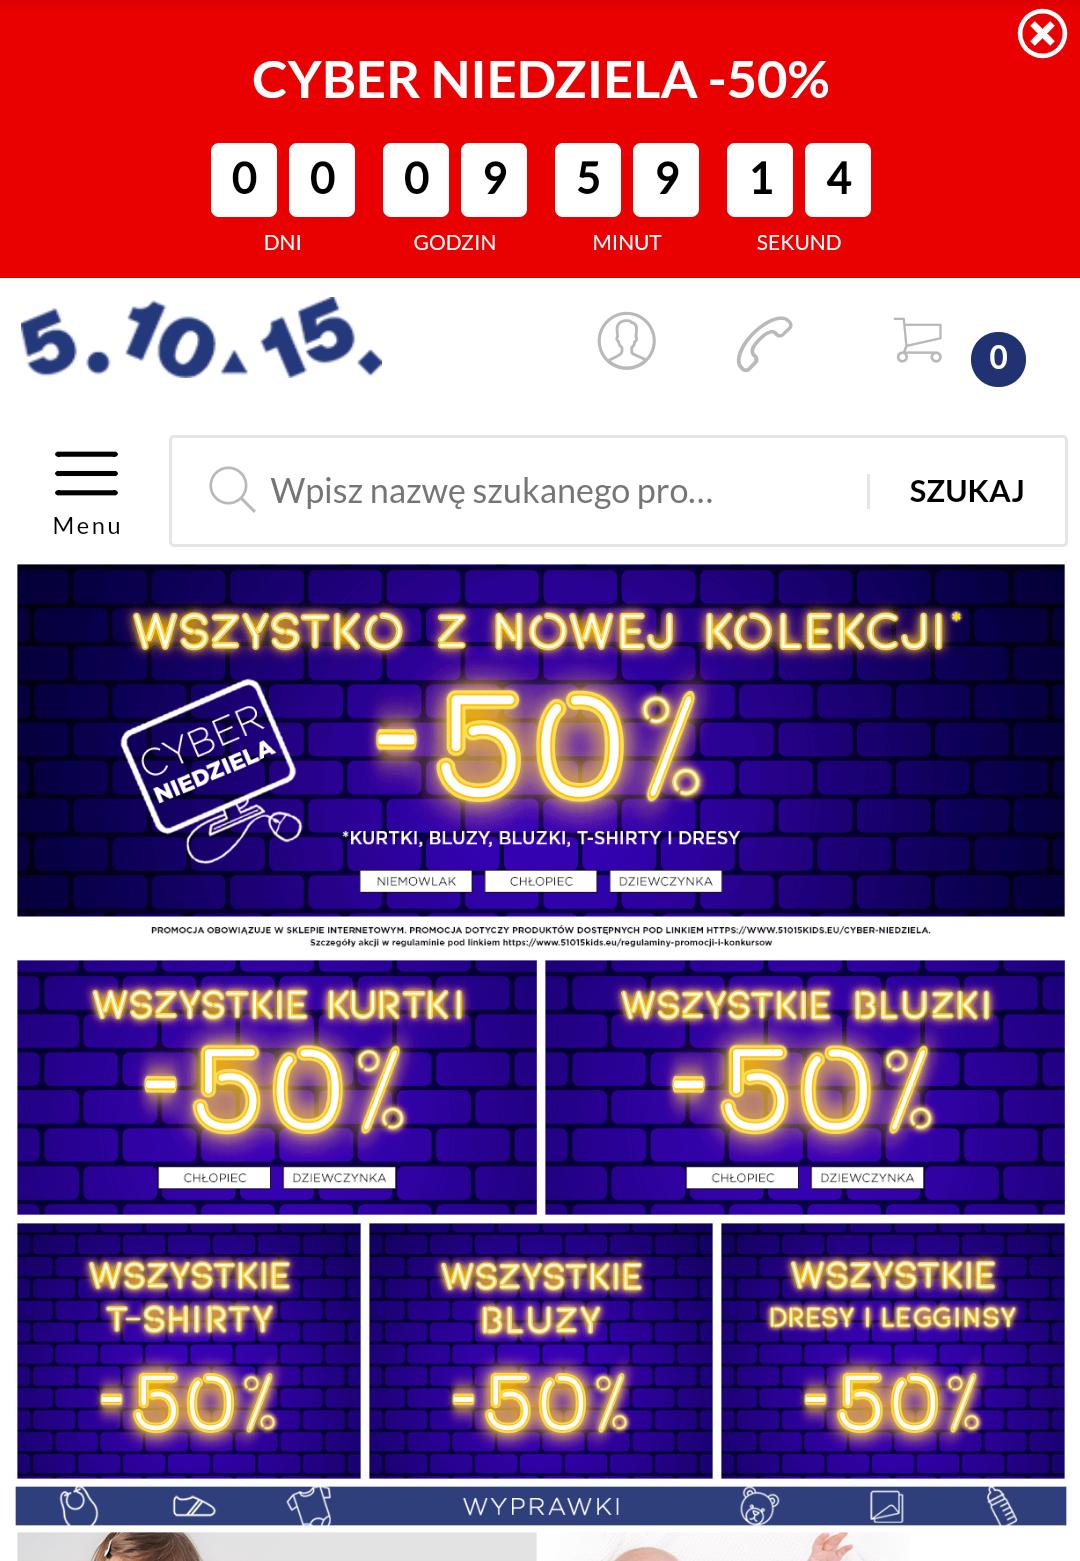 -50% cyber niedziela w 51015